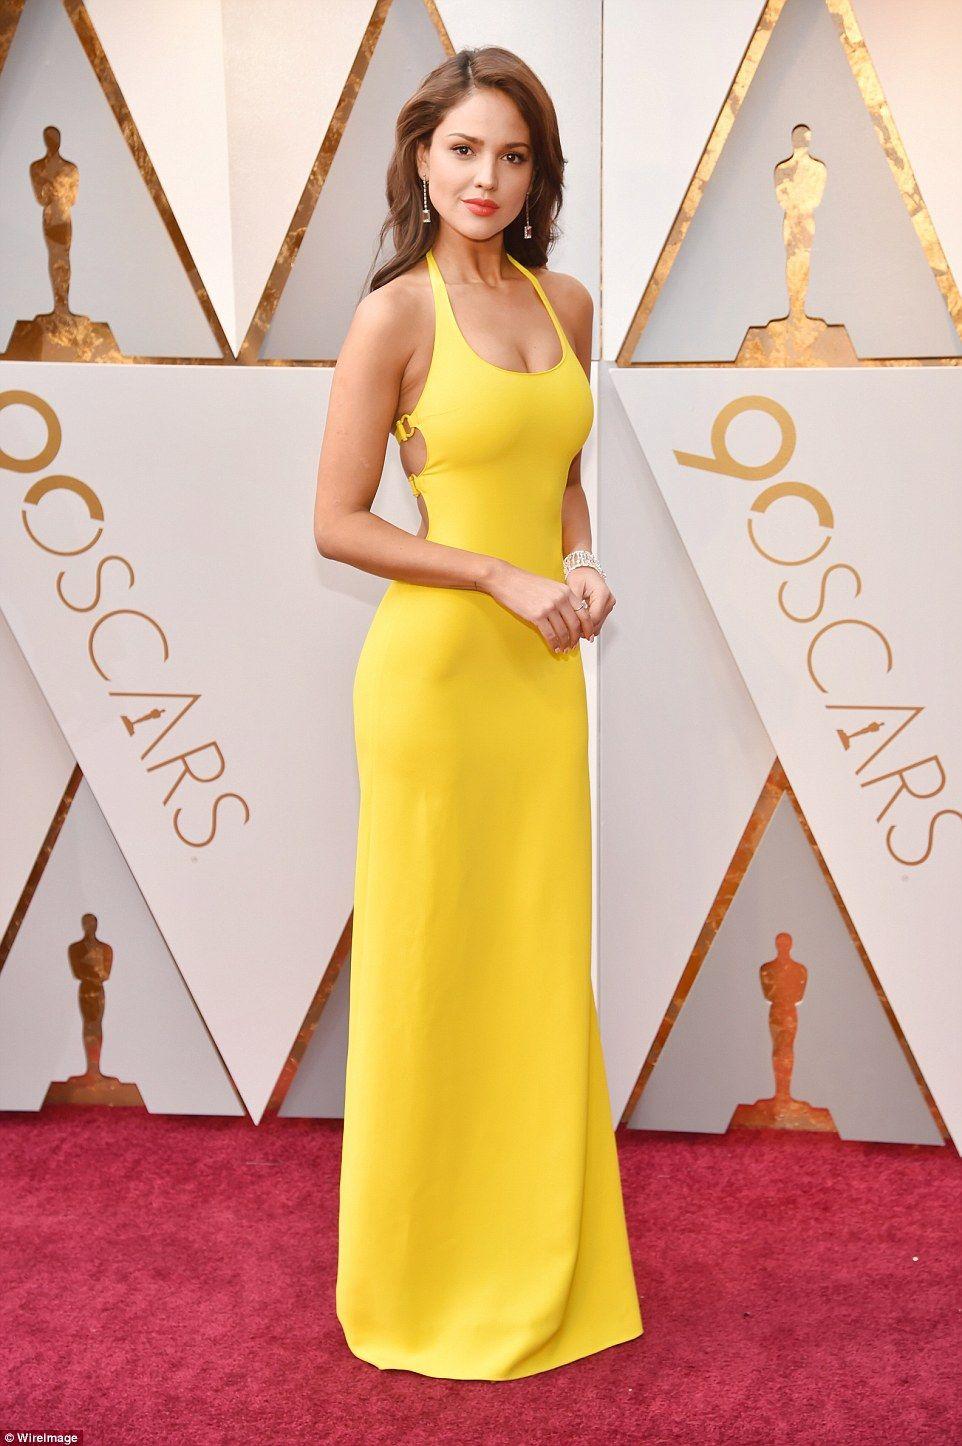 Оскар 2018: найкрасивіші наряди на червоній доріжці - фото 373157